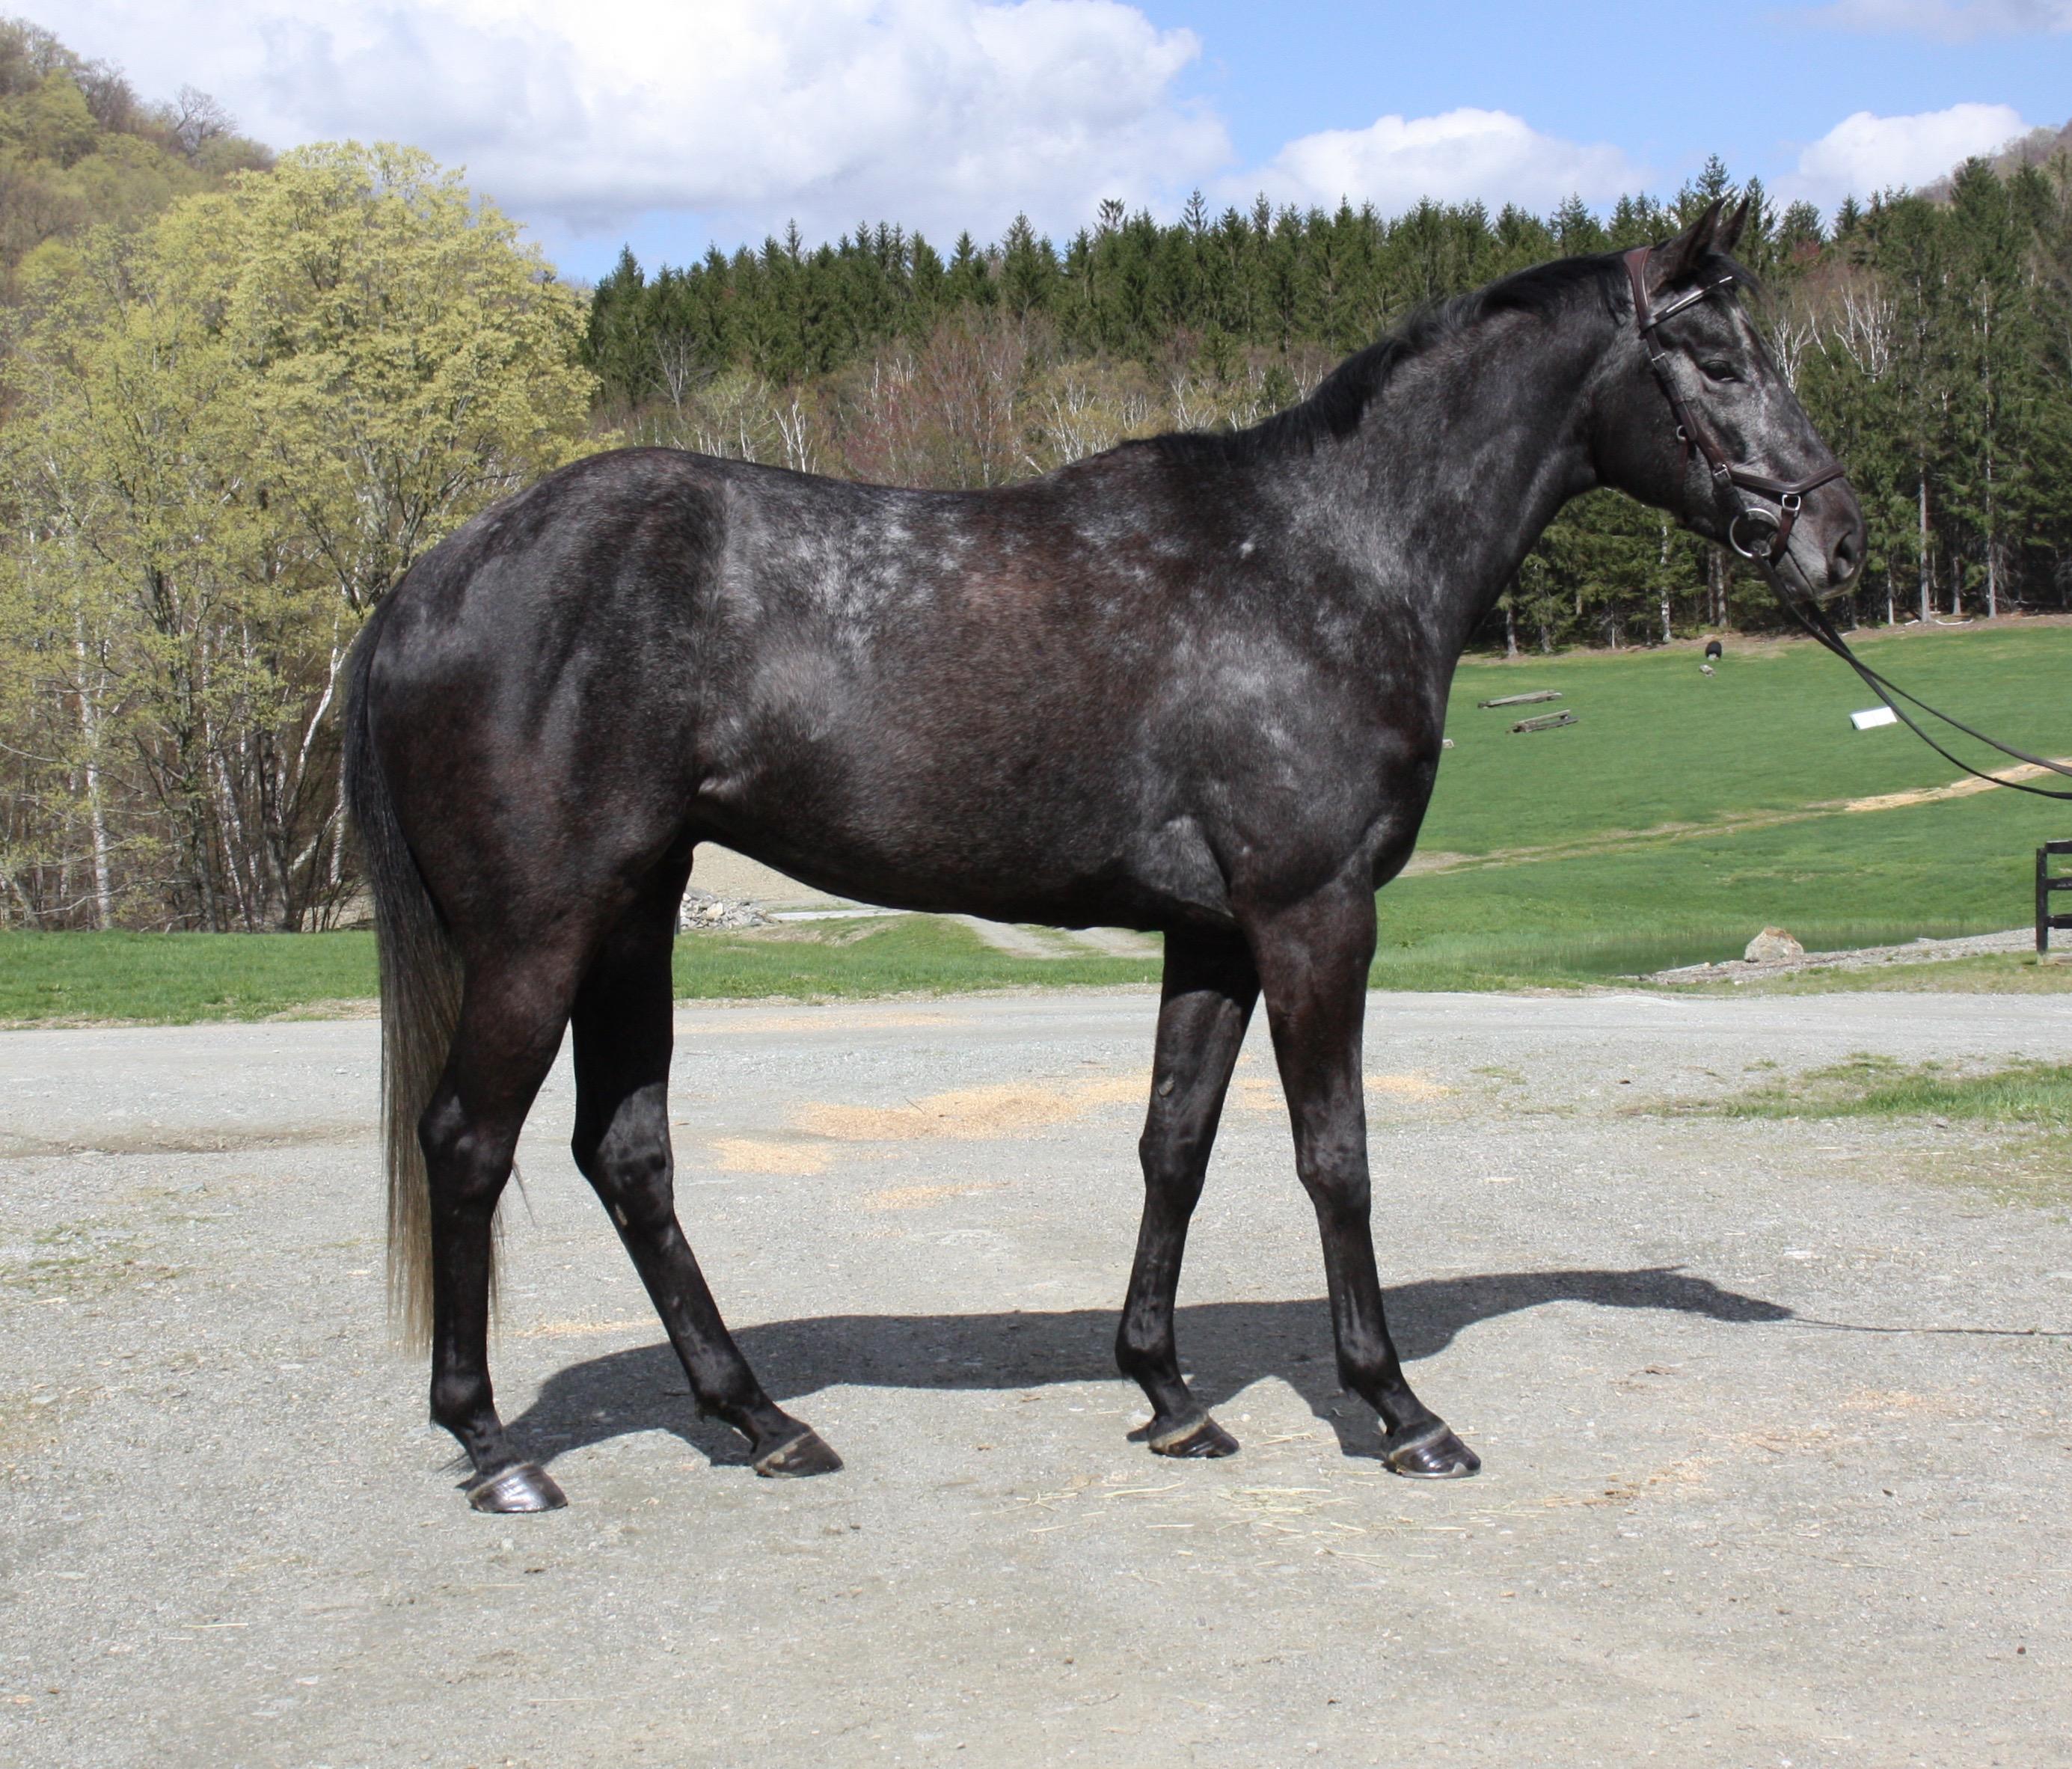 Horses for sale, west rupert vermont, oronacah farm equestrian